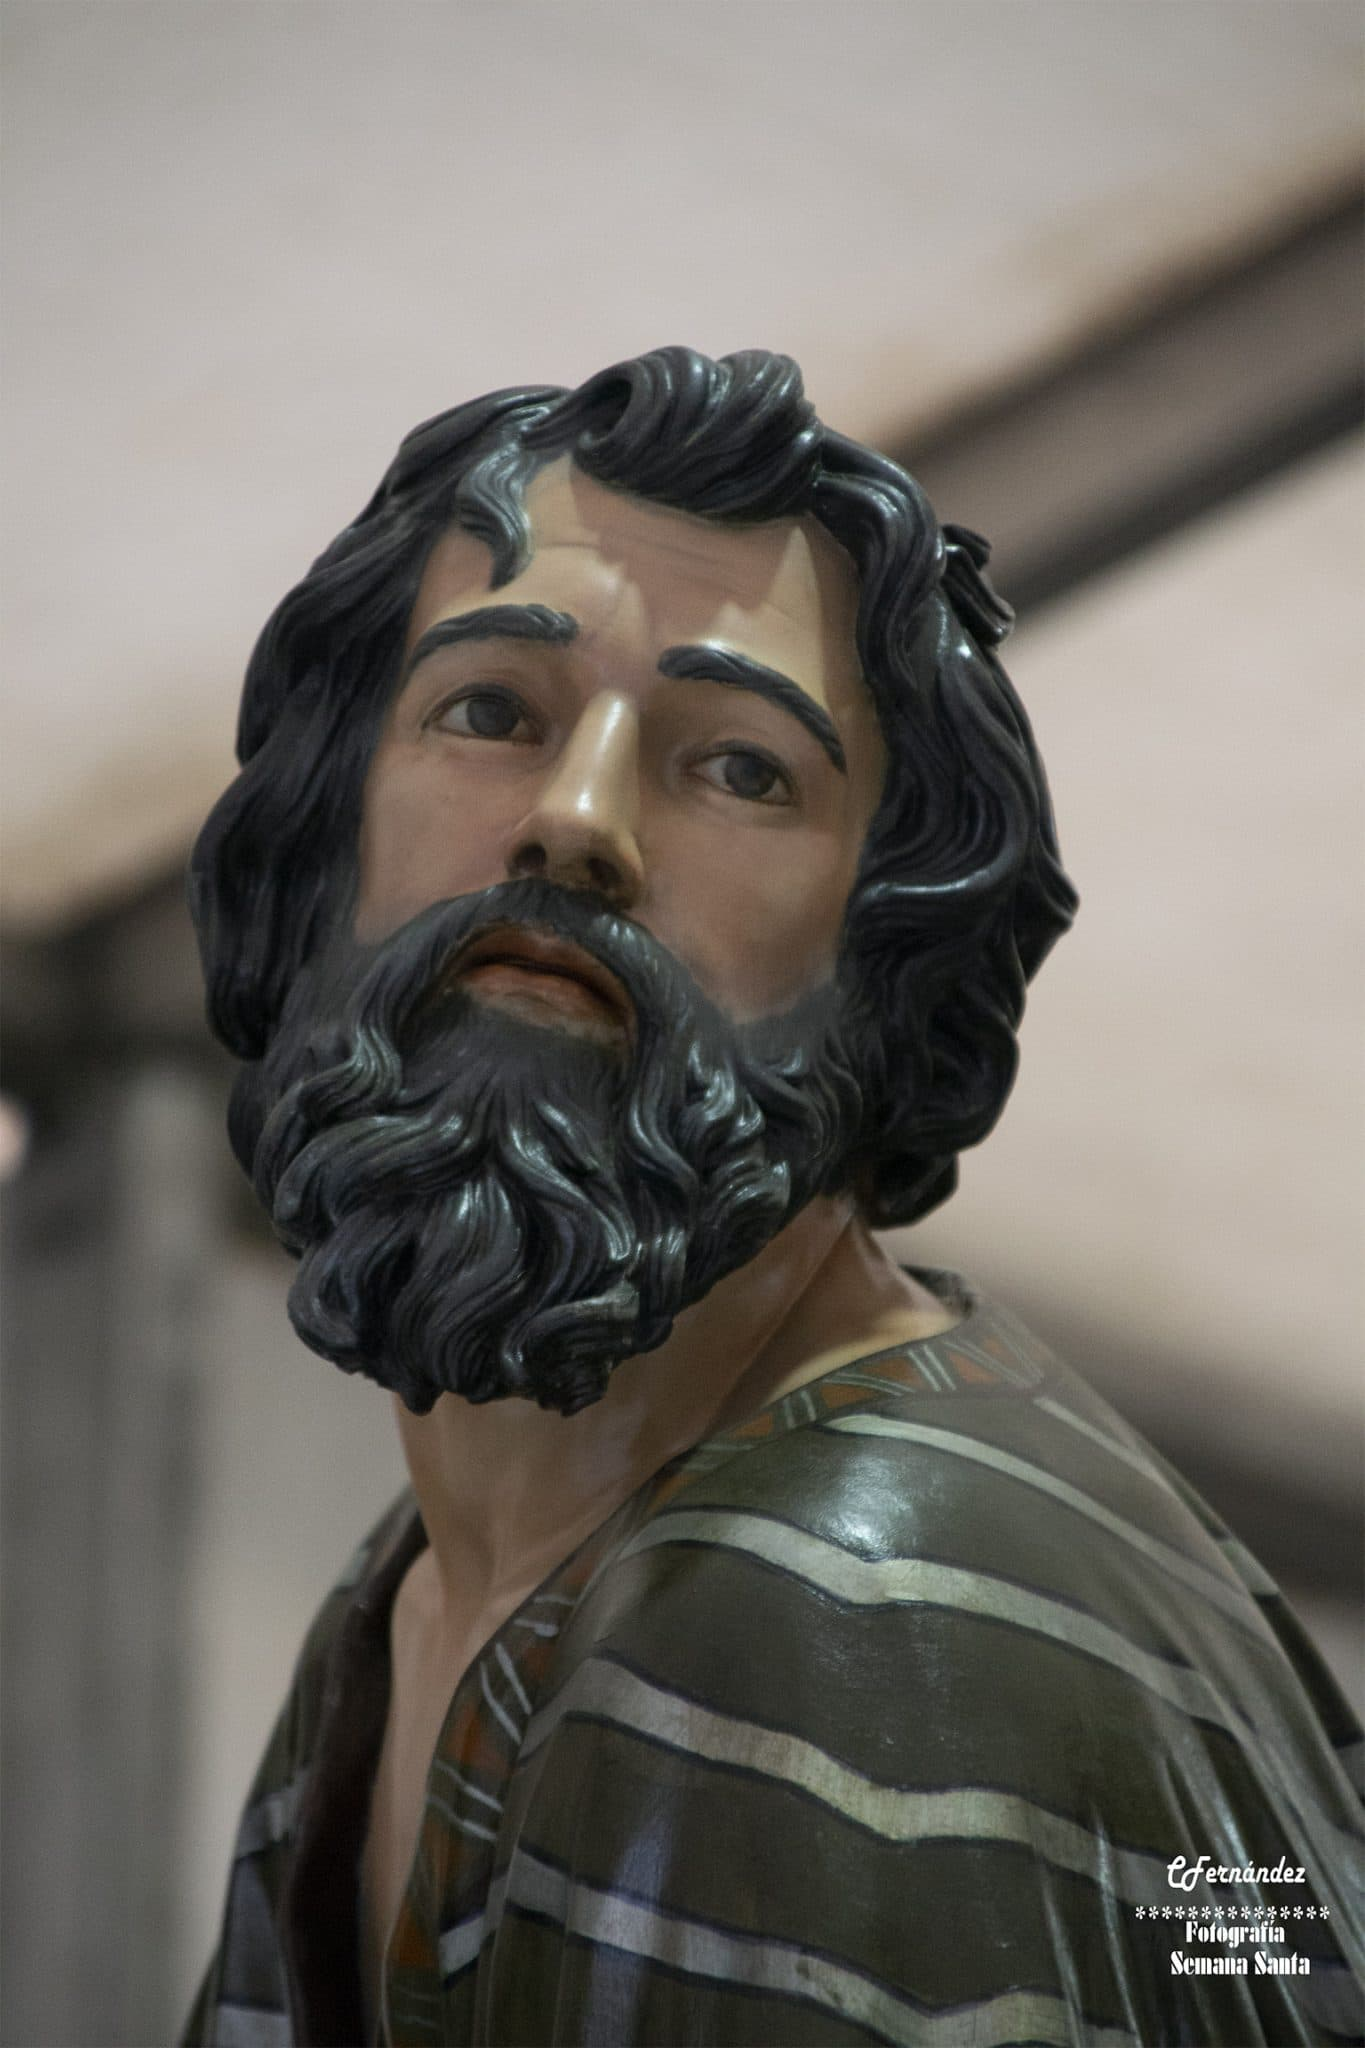 Procesión de la Santa Cena, León 11